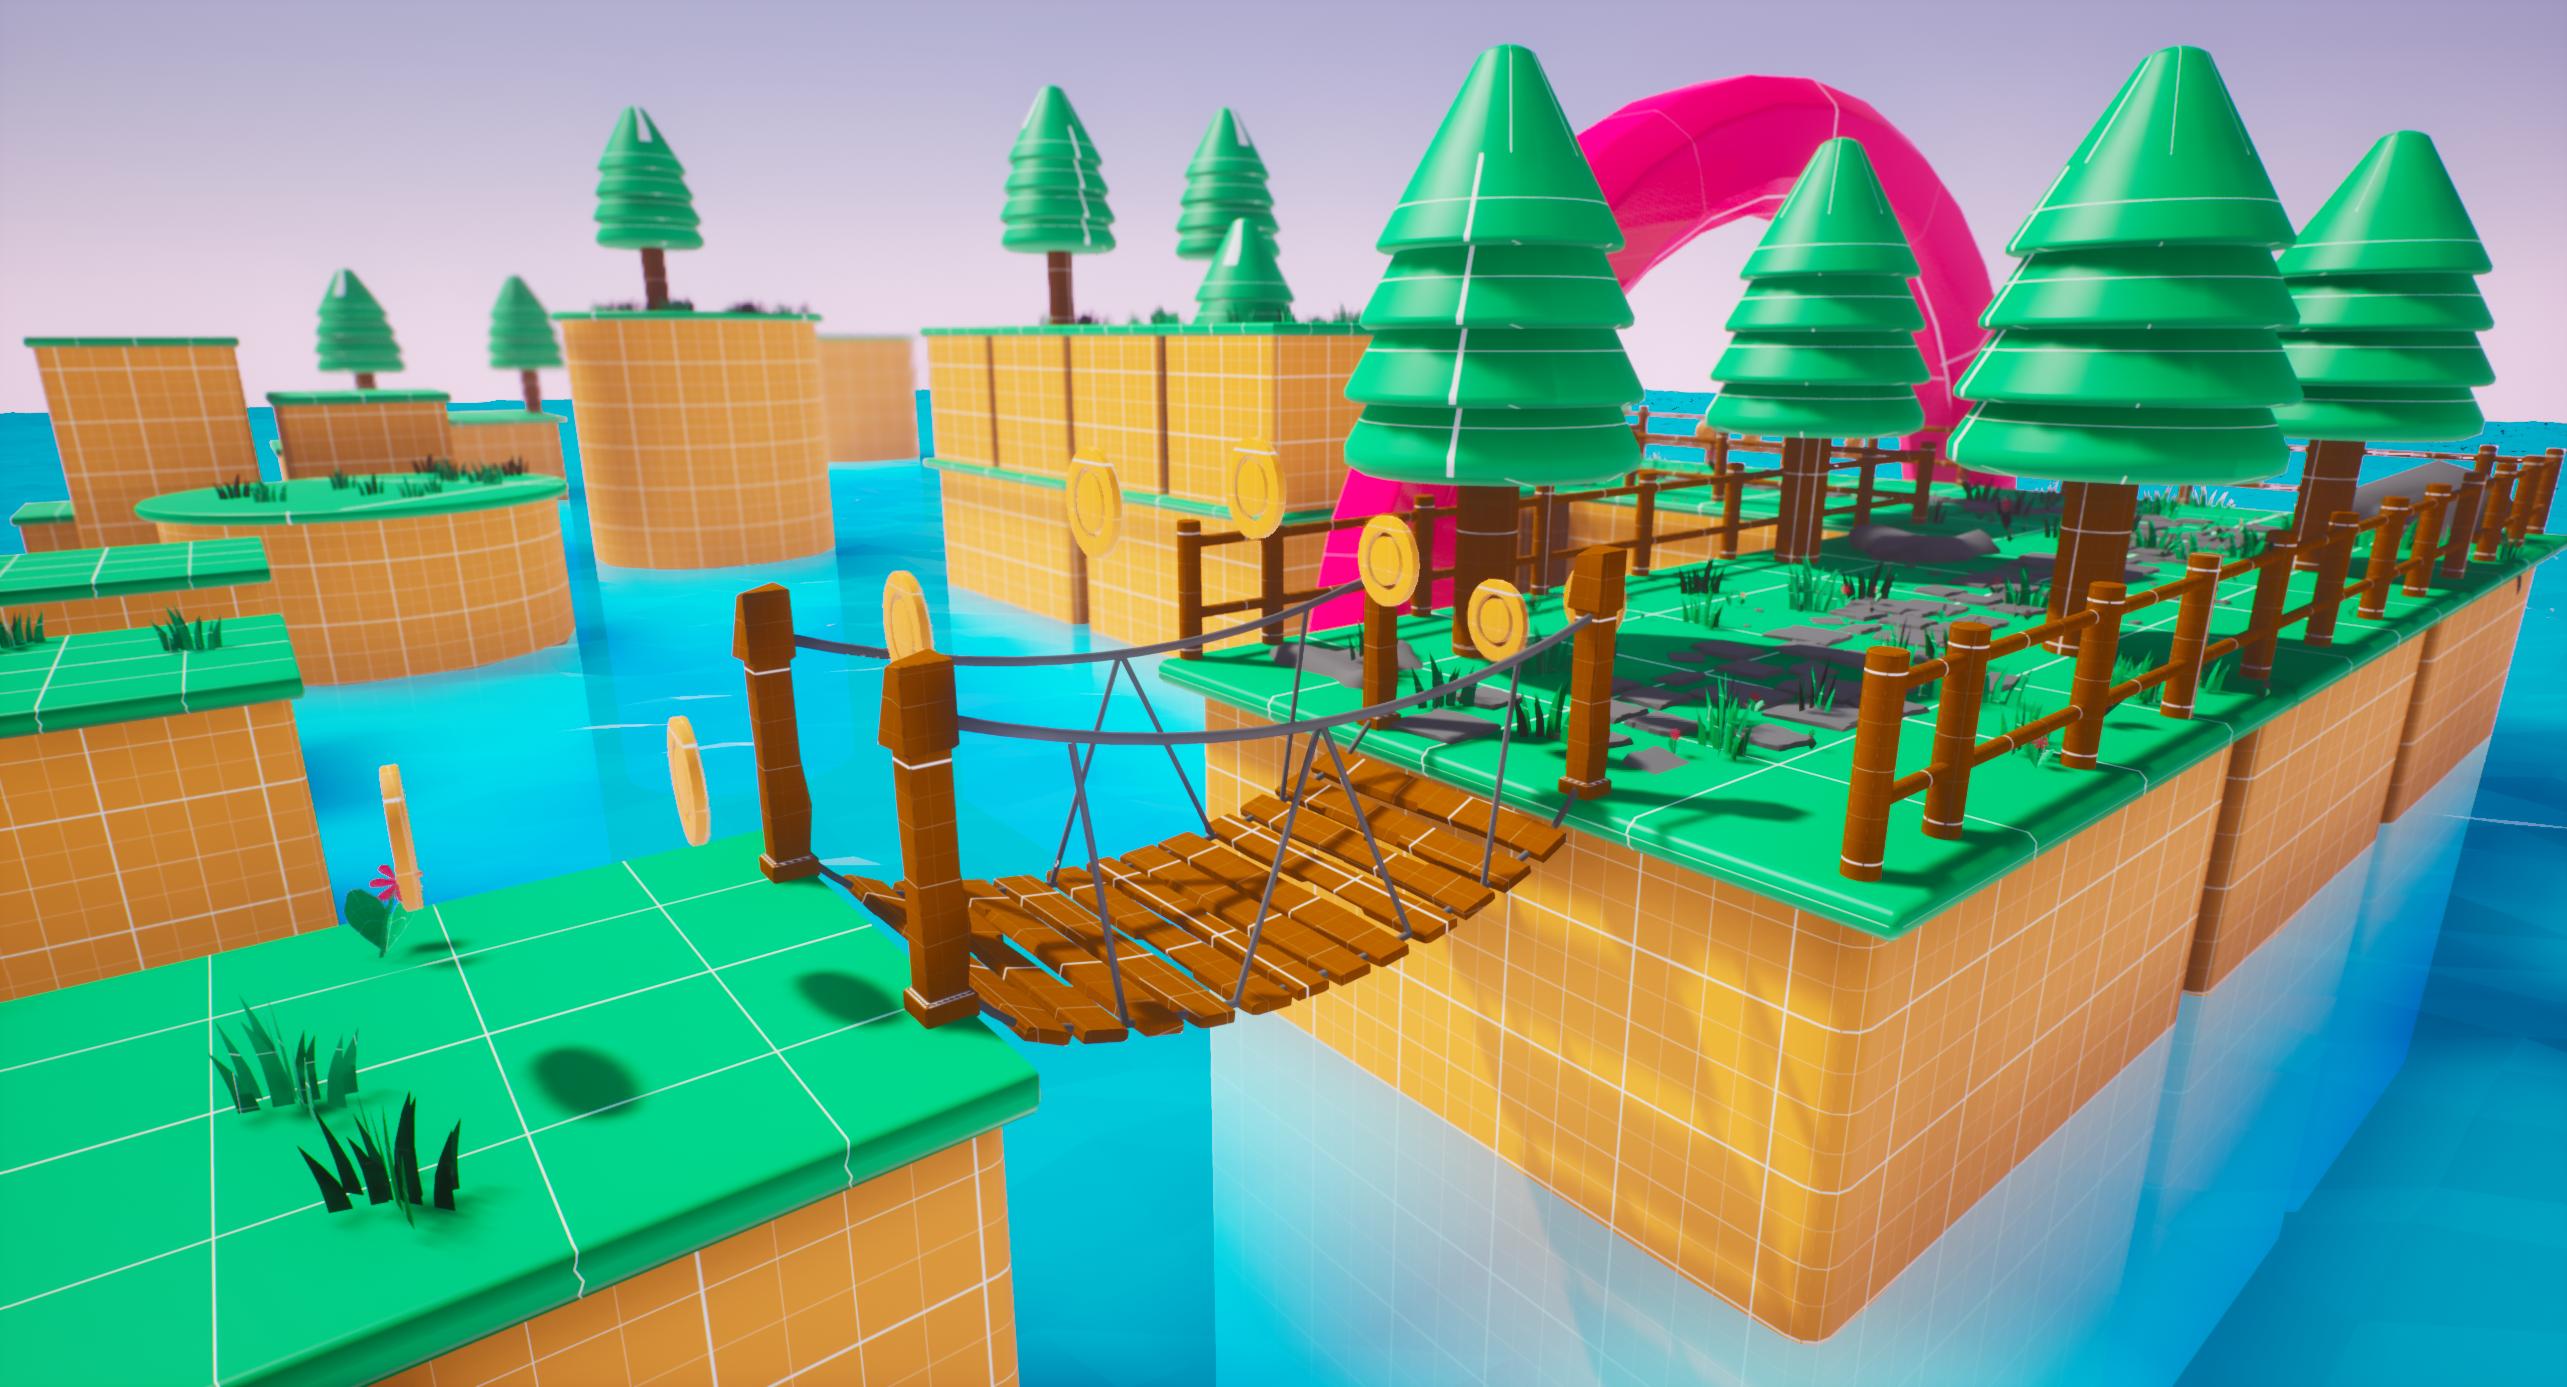 Concours de Level Design avec Unreal Engine, du 11/11 au 05/12/2020